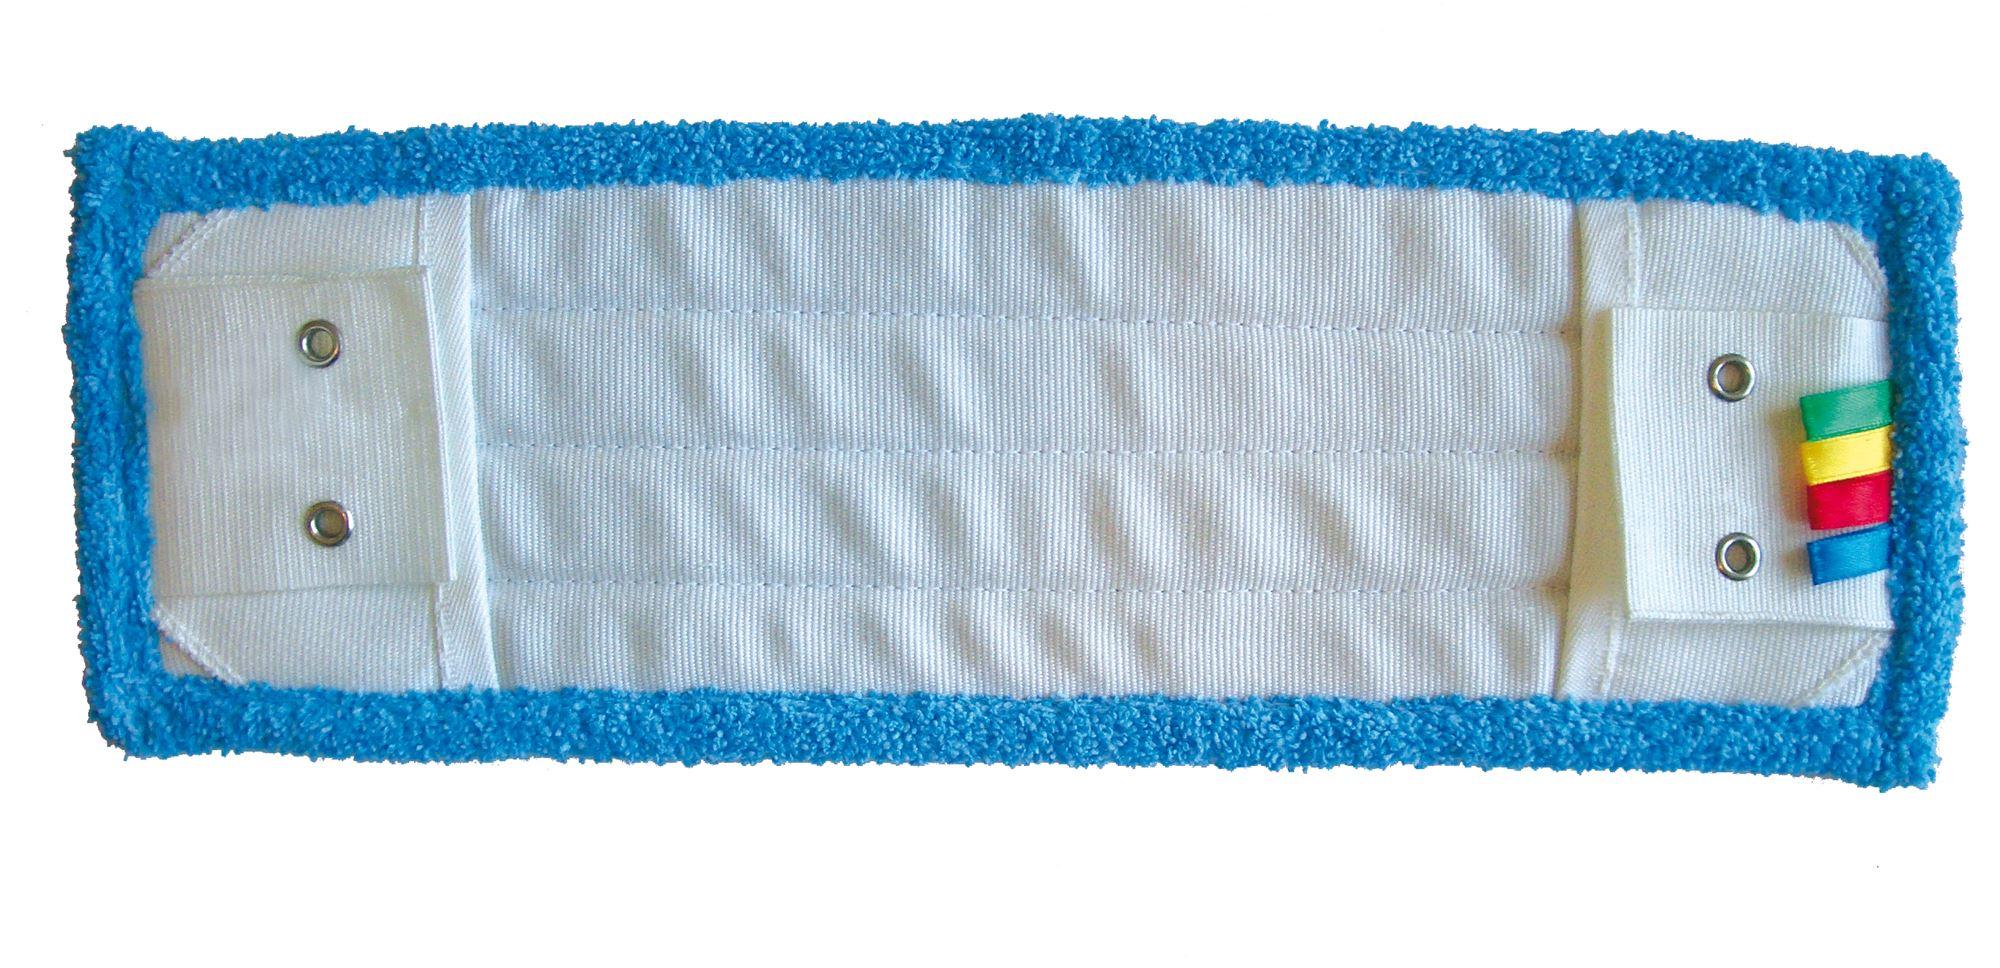 frange microfibre de lavage languettes et poches 44 x 14 cm. Black Bedroom Furniture Sets. Home Design Ideas